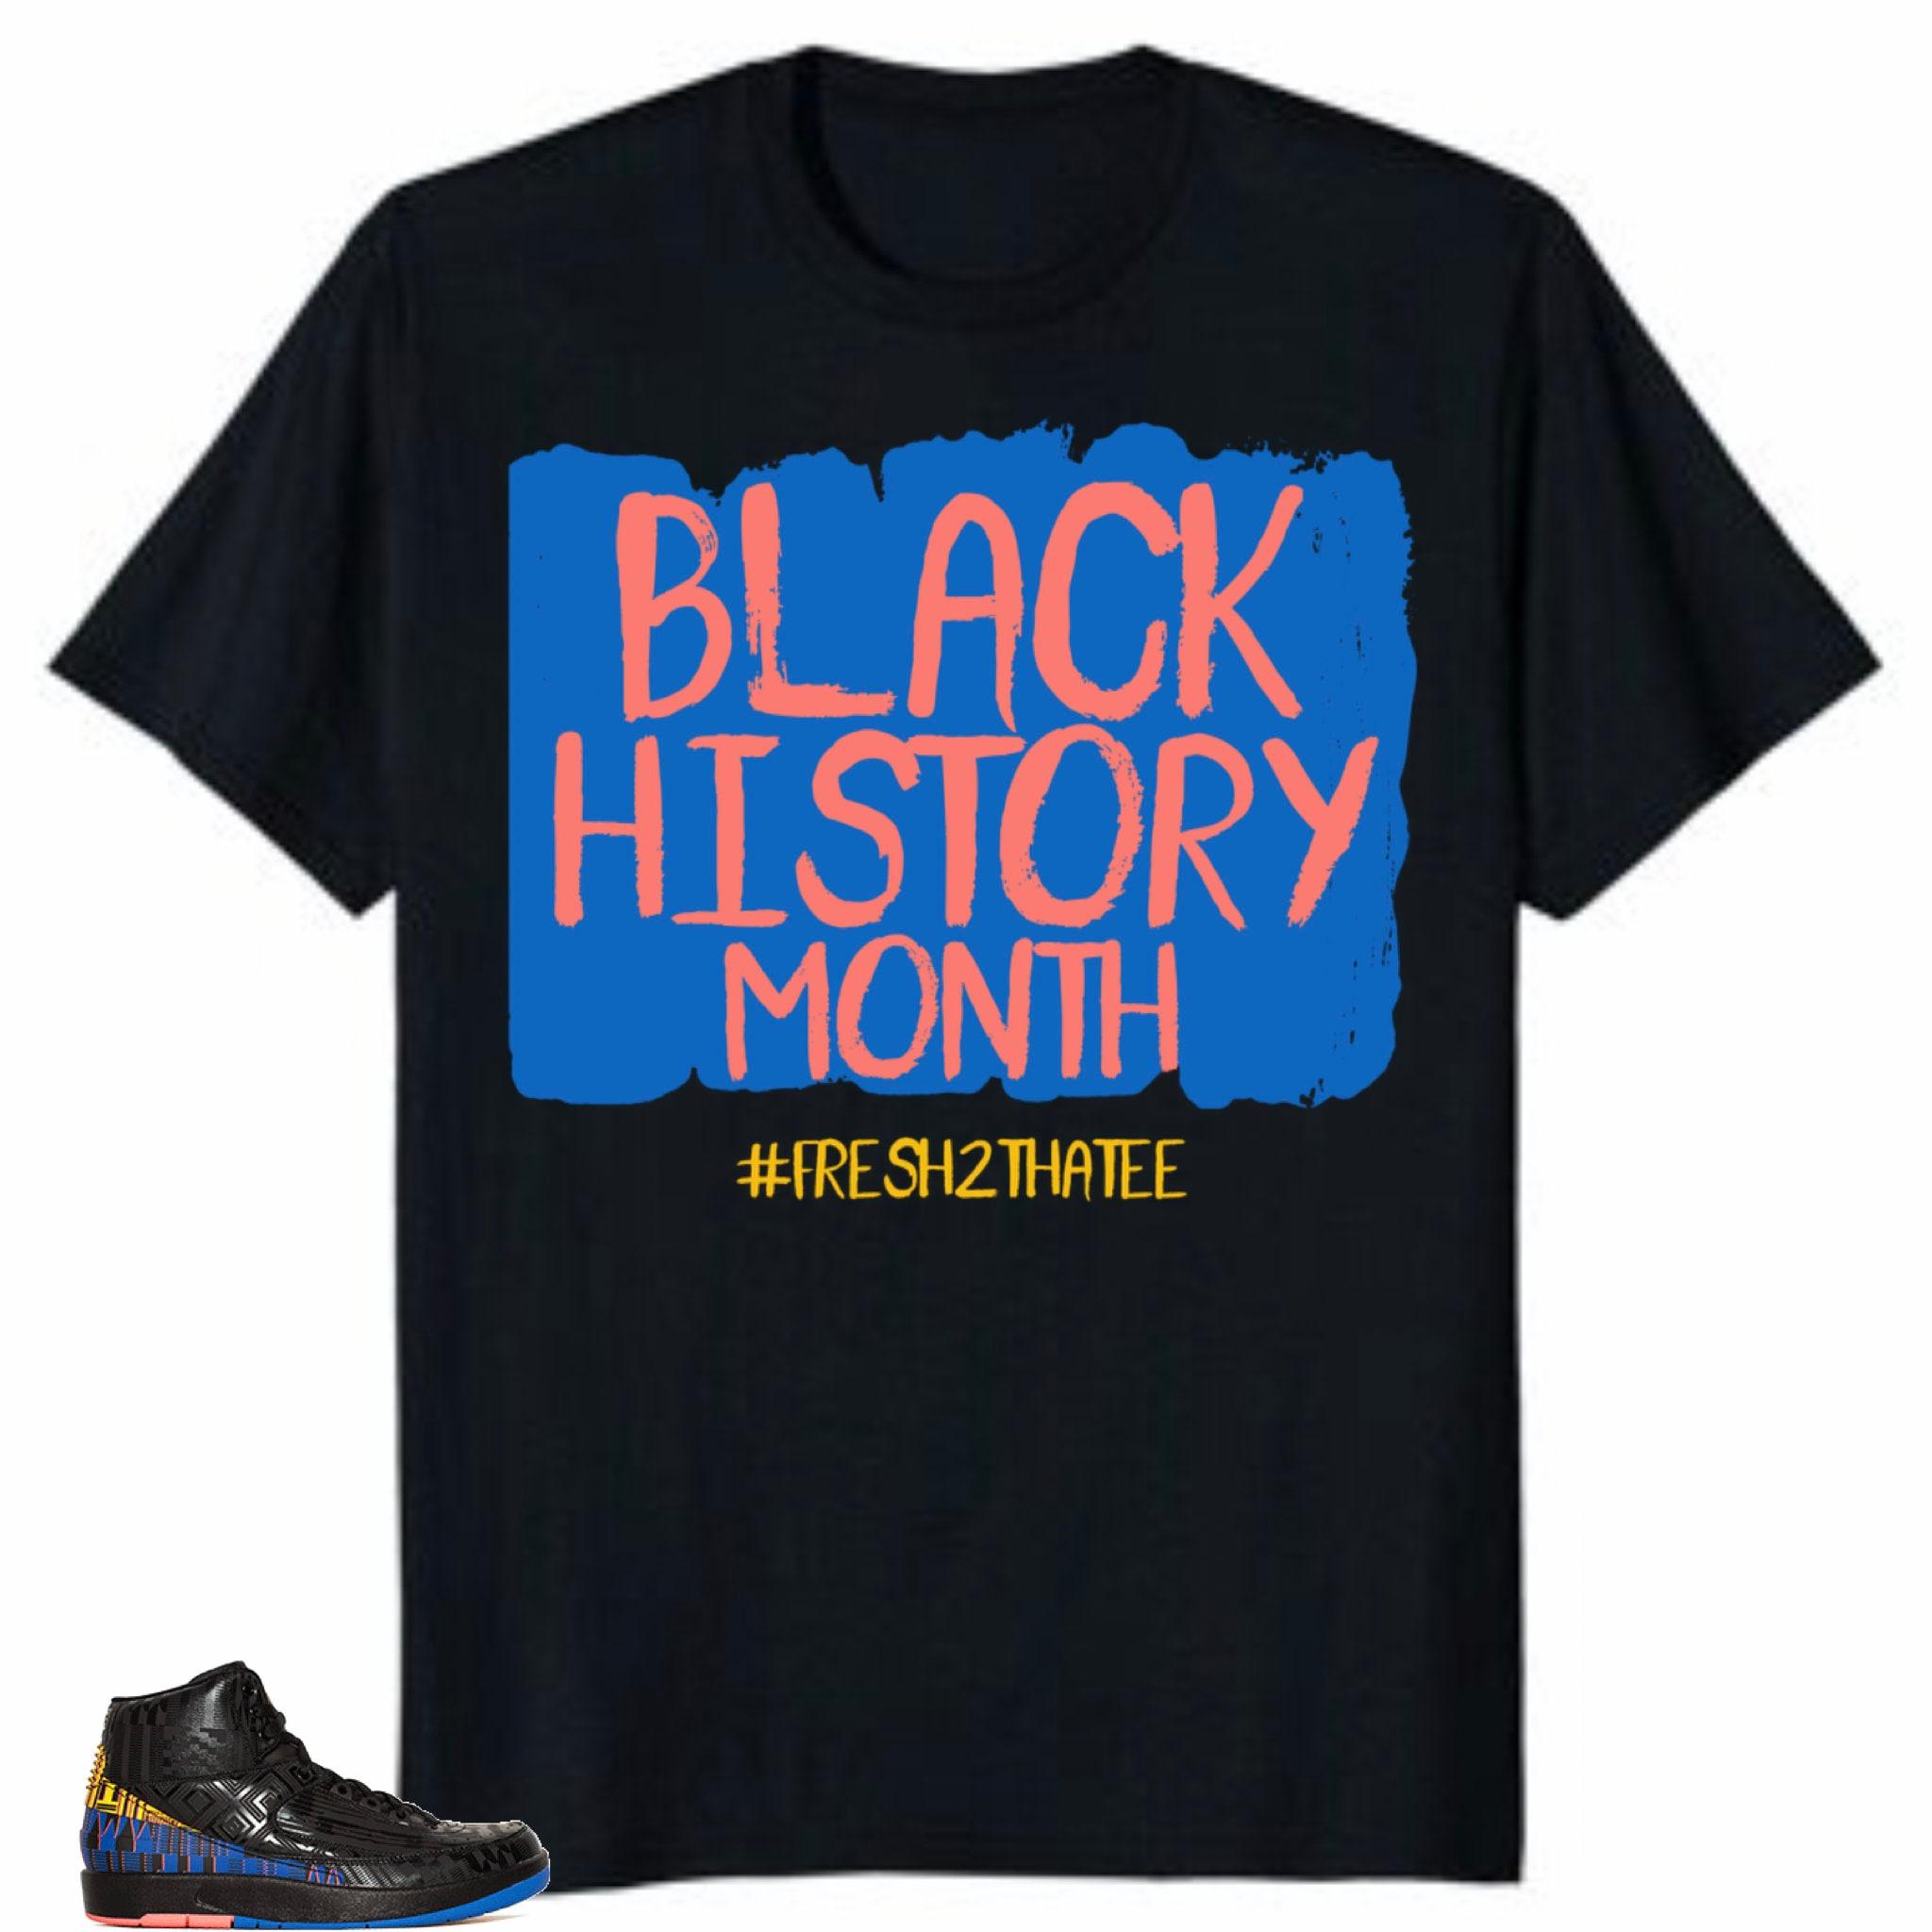 f83a32db9c03 Shirt Made to match Jordan 2 bhm black history month